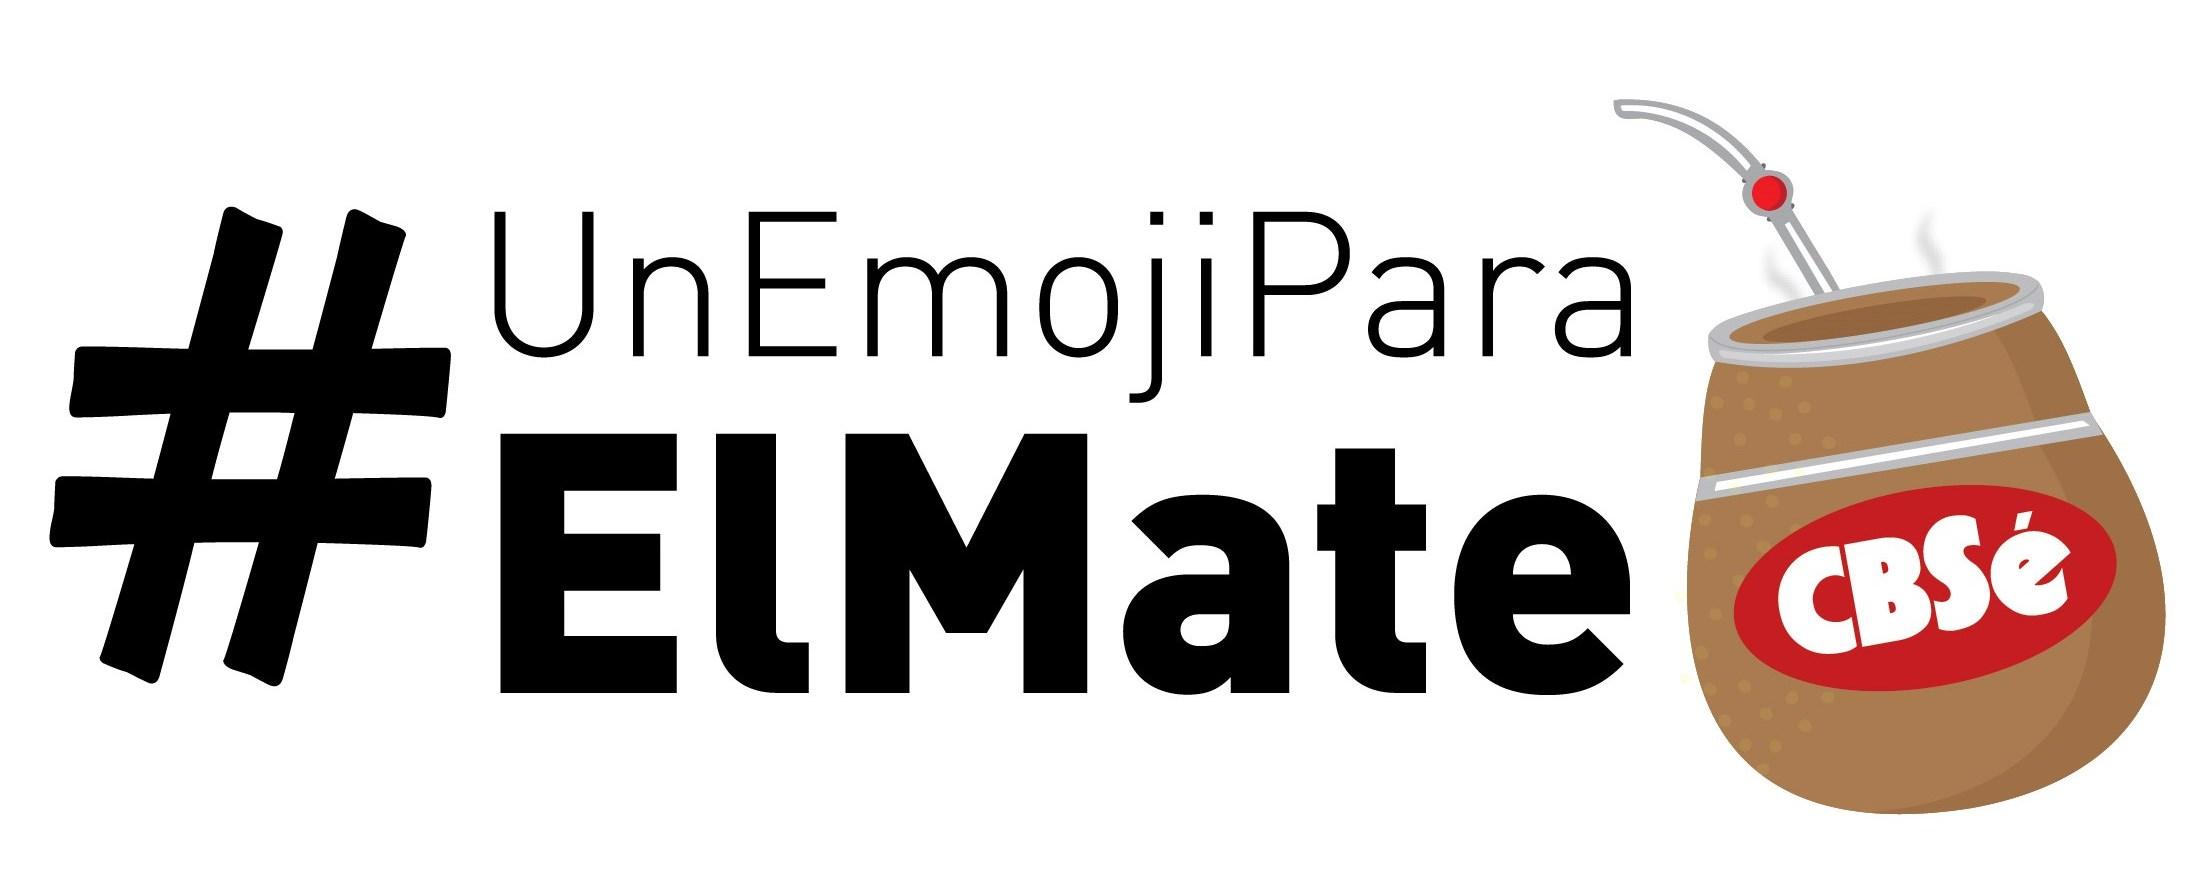 Un Emoji para el mate